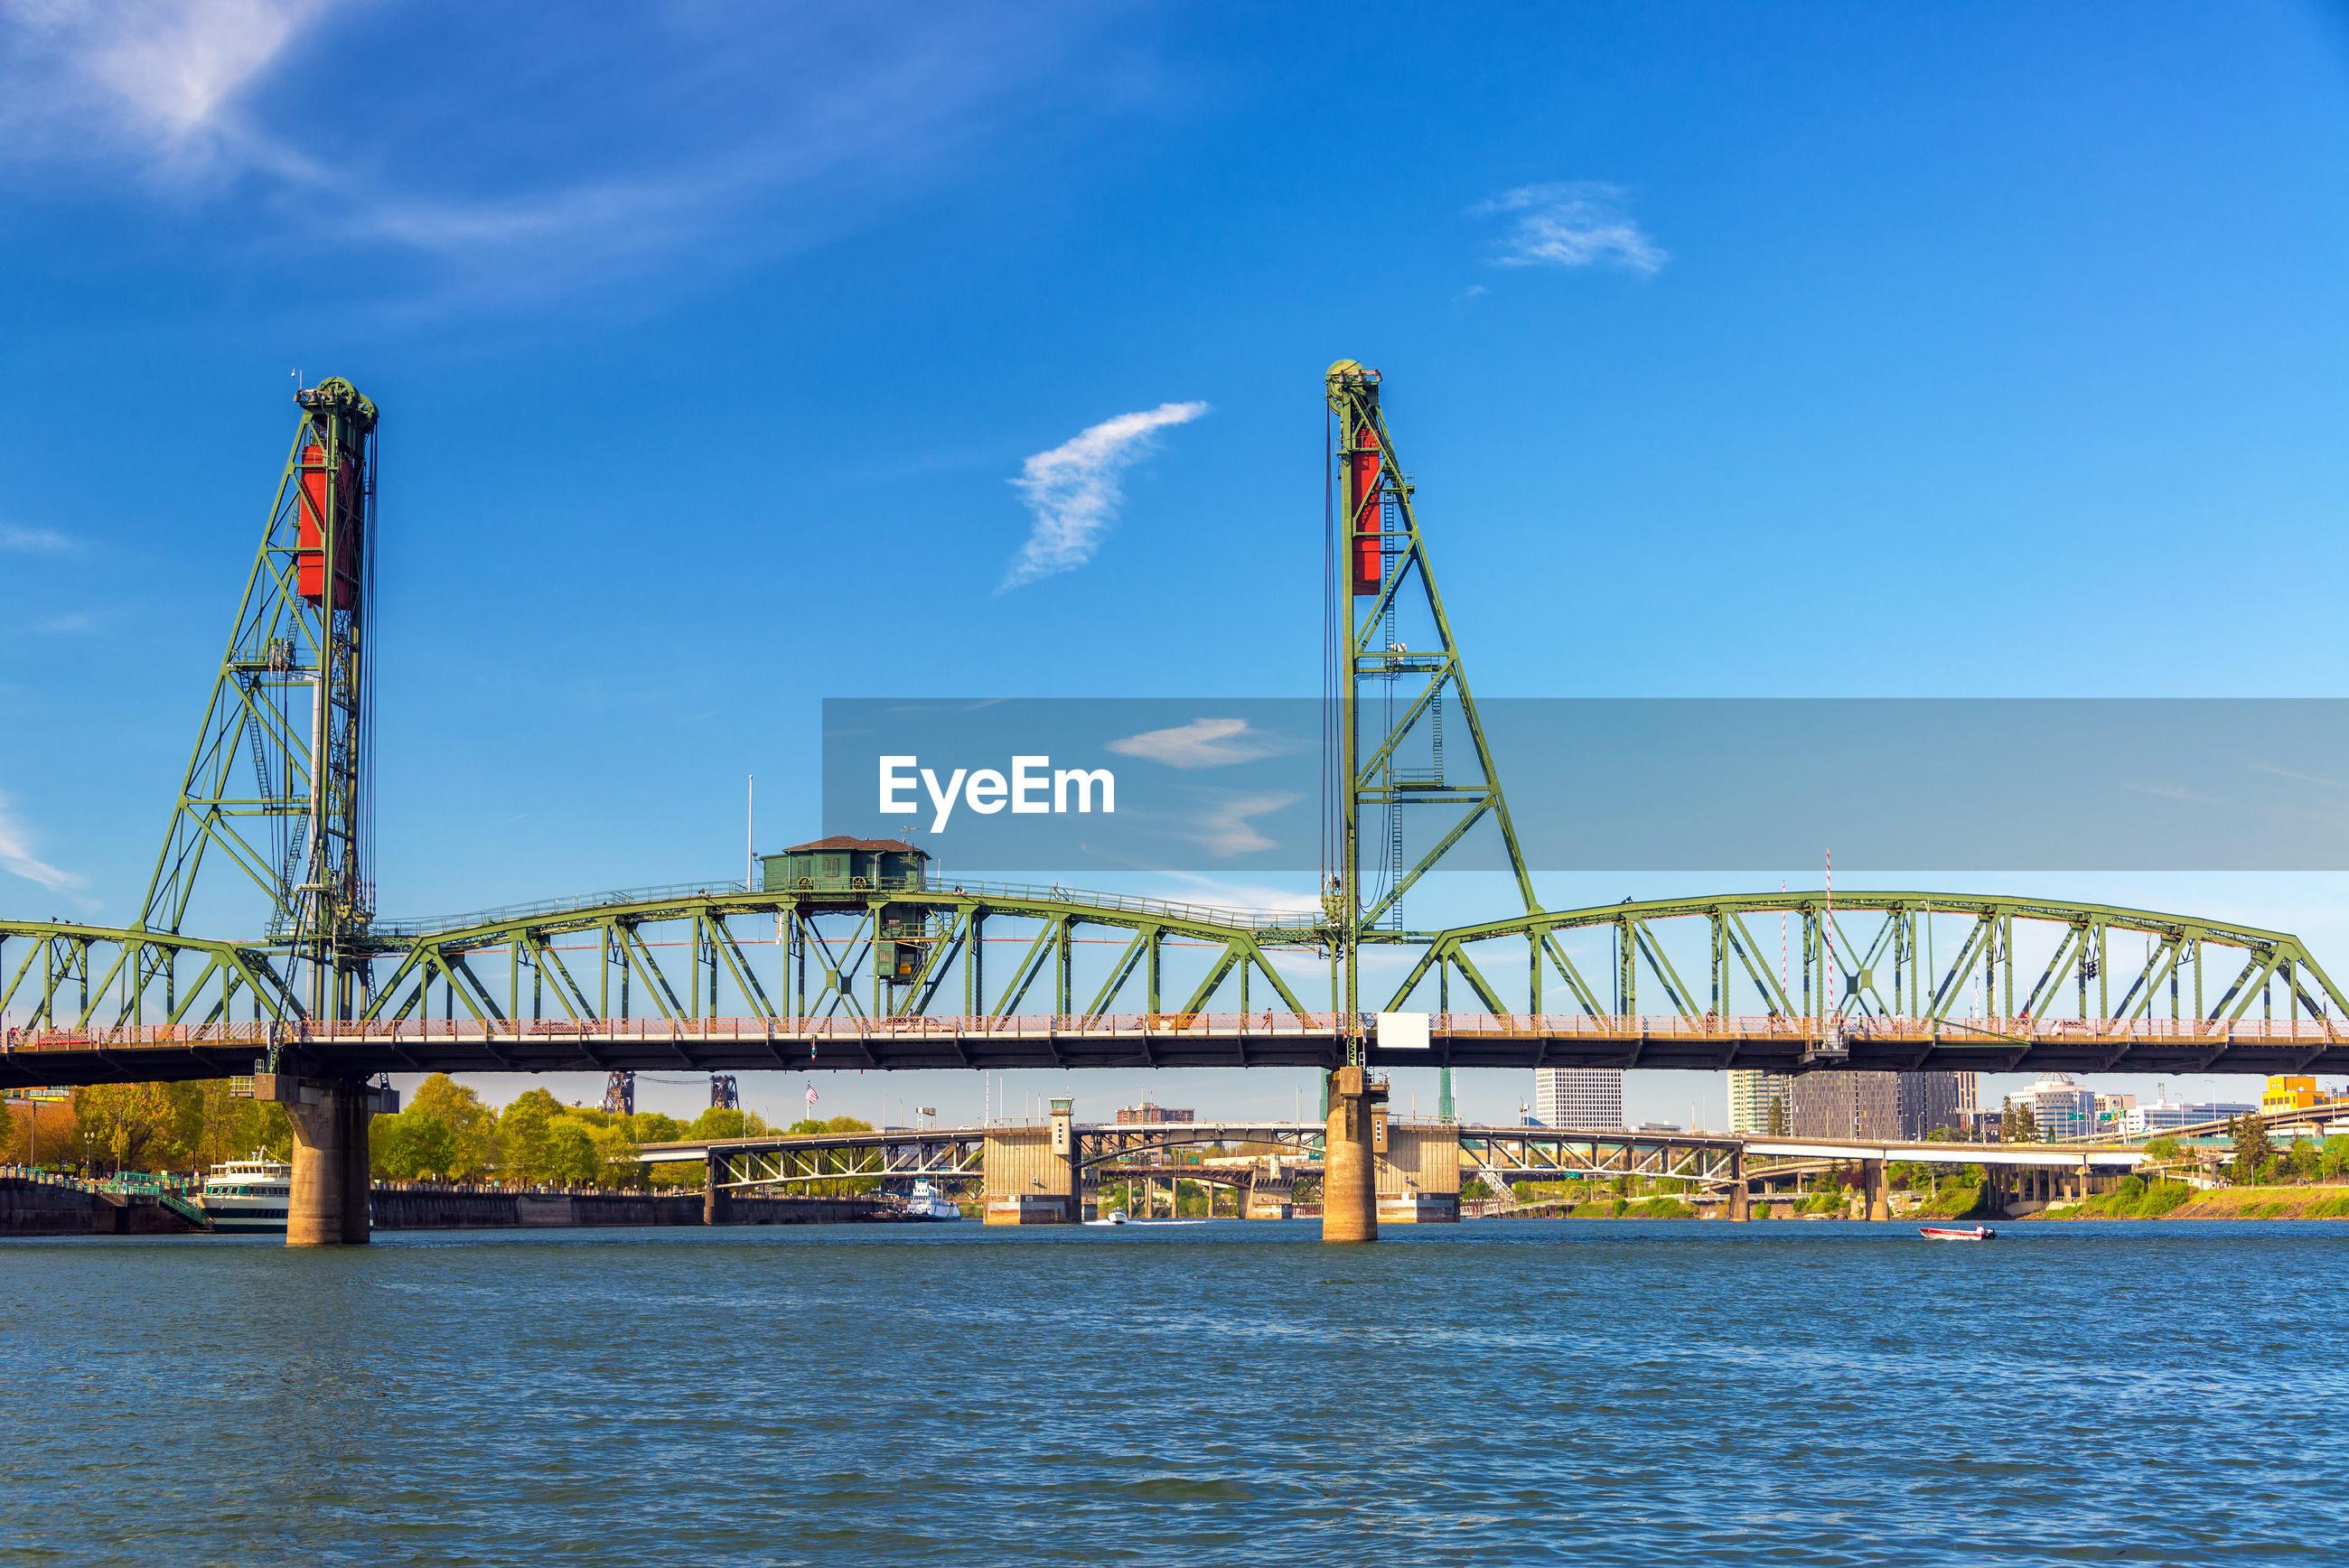 Hawthorne bridge over willamette river against blue sky in city